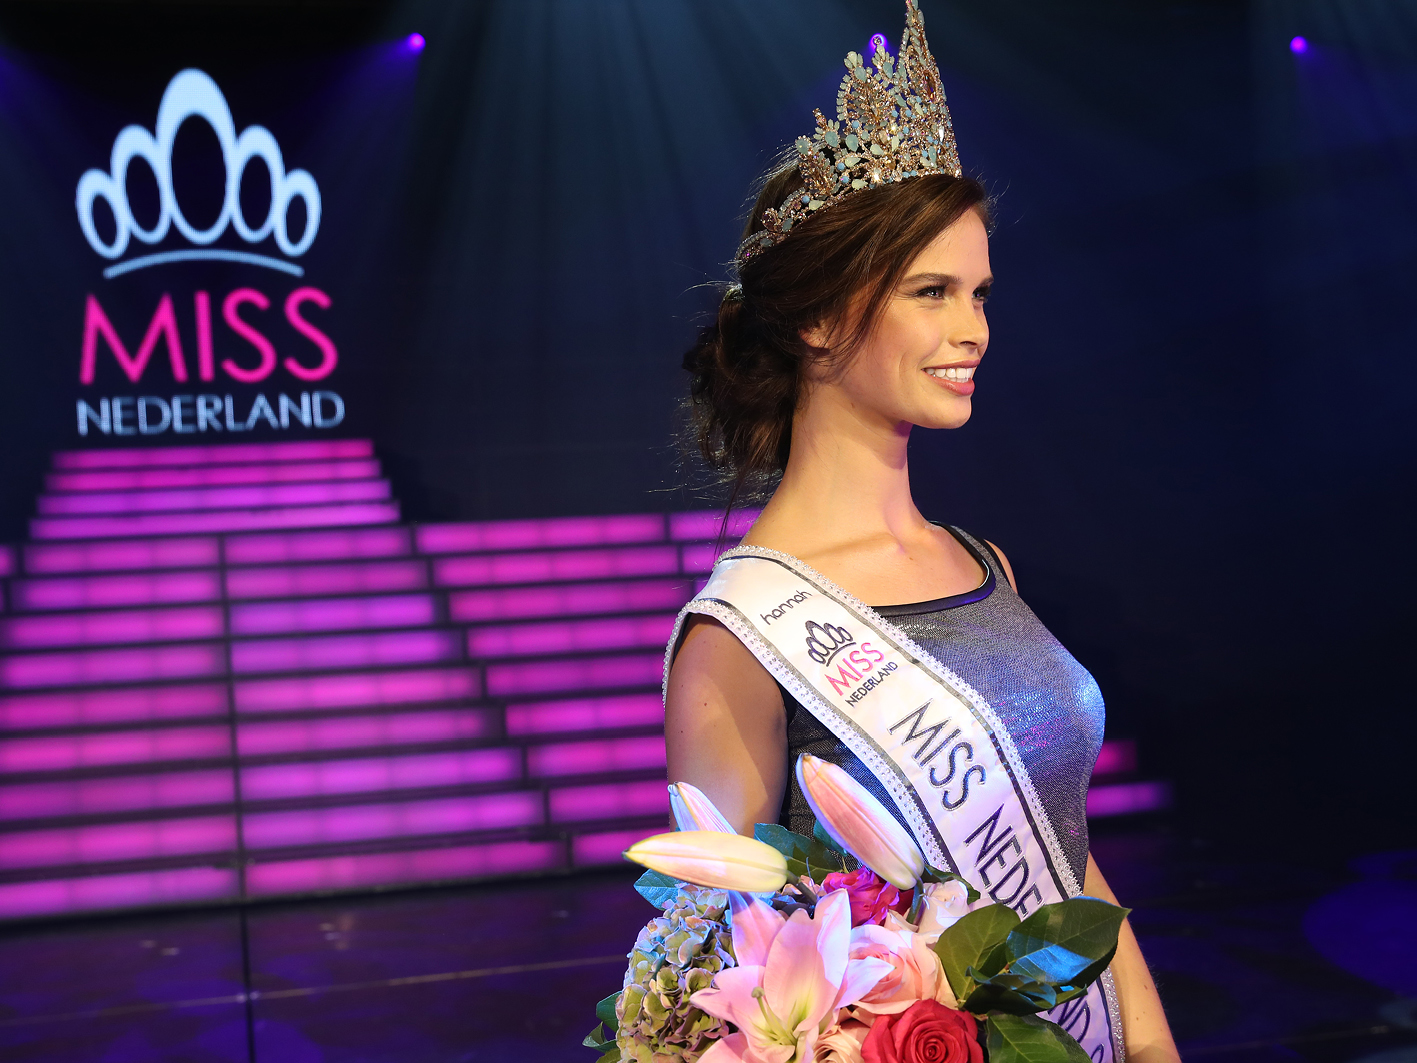 Huidcoach Amber backstage bij de Finale Miss Nederland 2017 - hannah SIRC - hannah huidcoach .png 2